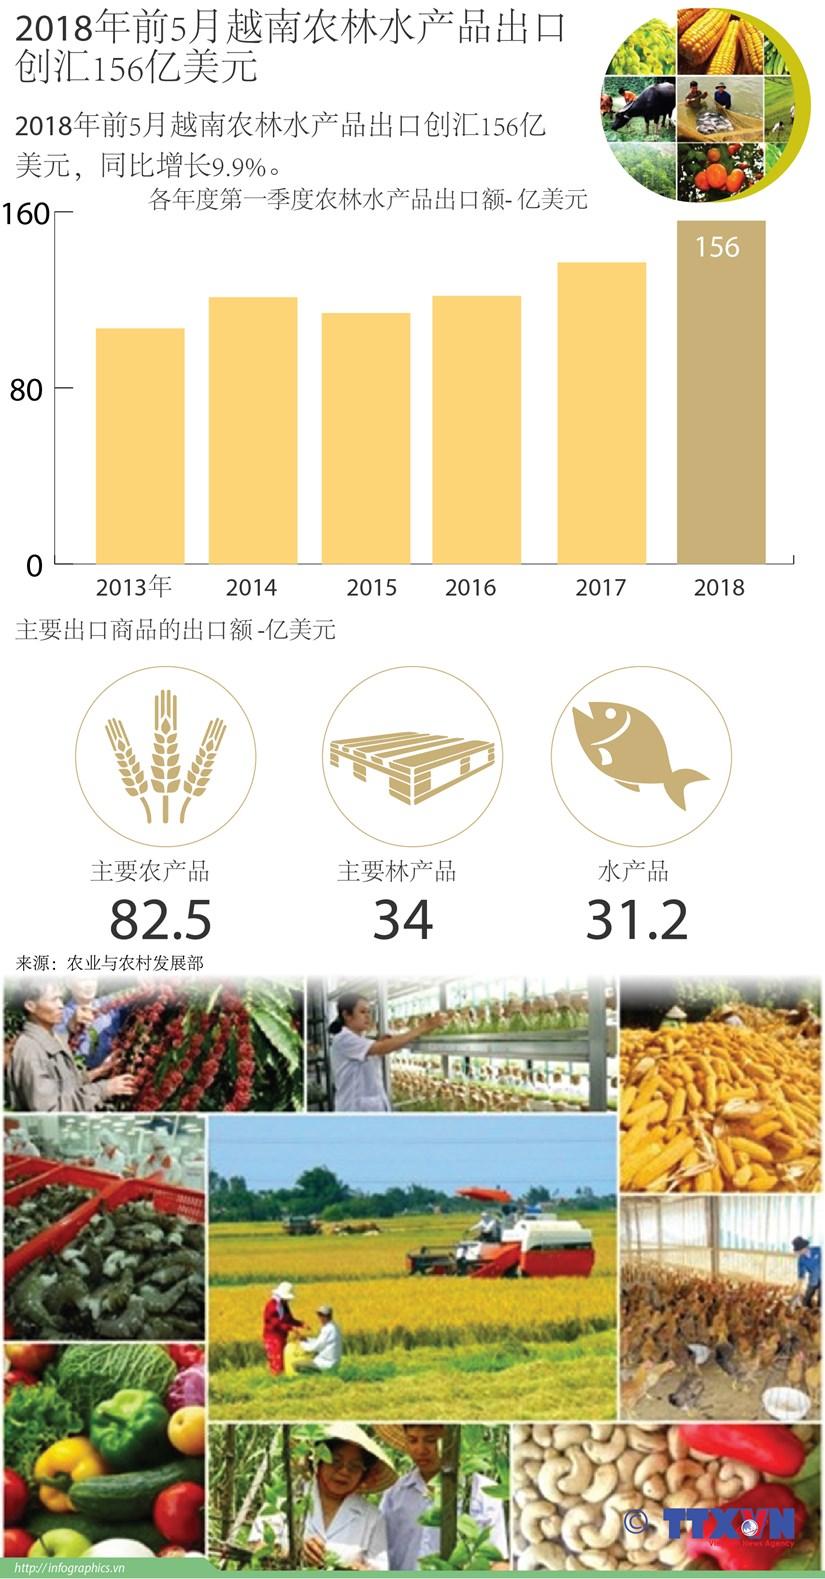 图表新闻:2018年前5月越南农林水产品出口创汇156亿美元 hinh anh 1